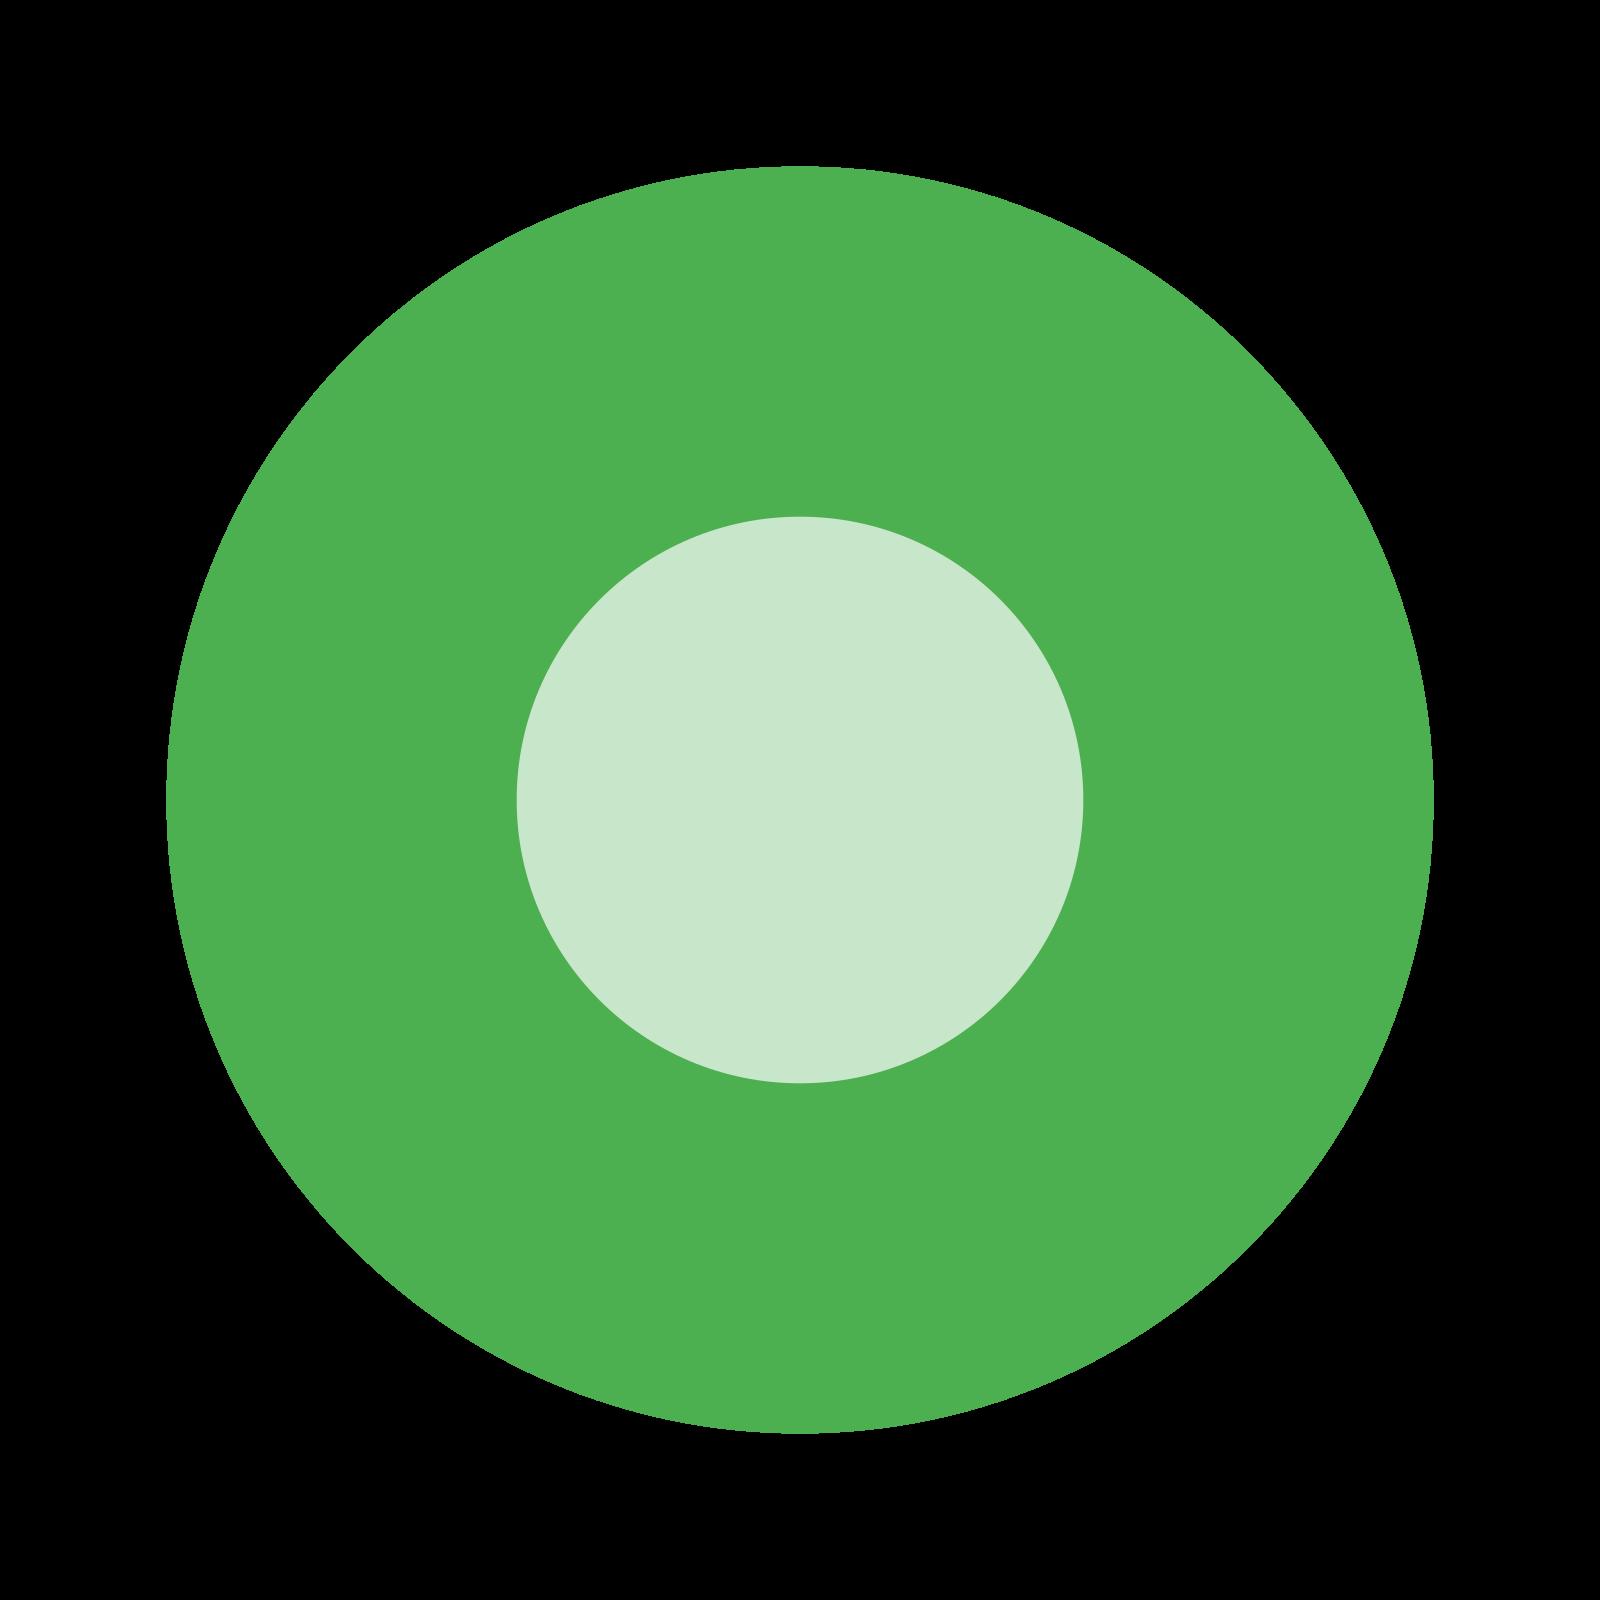 Stan połączenia włączony icon